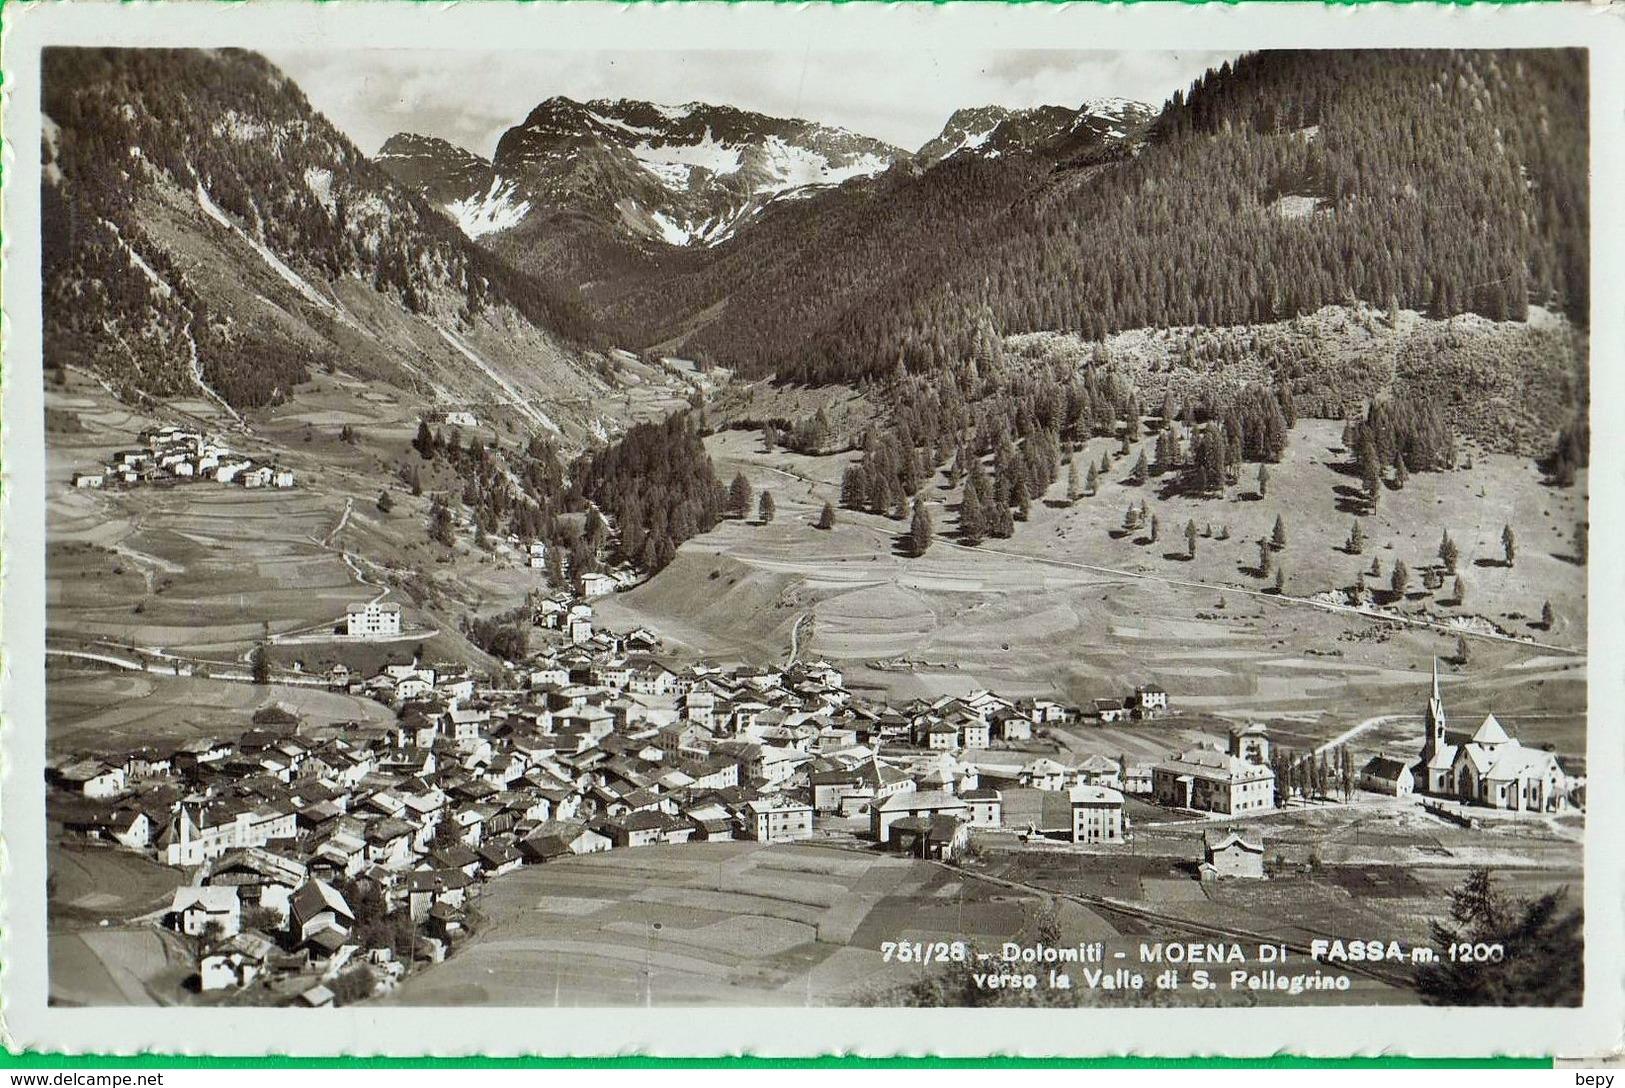 Cent 20. Itler/Mussolini. Due Popoli Una Guerra. MOENA DI FASSA. Dolomiti. VALLE SAN PELLEGRINO  .  877 - 1900-44 Victor Emmanuel III